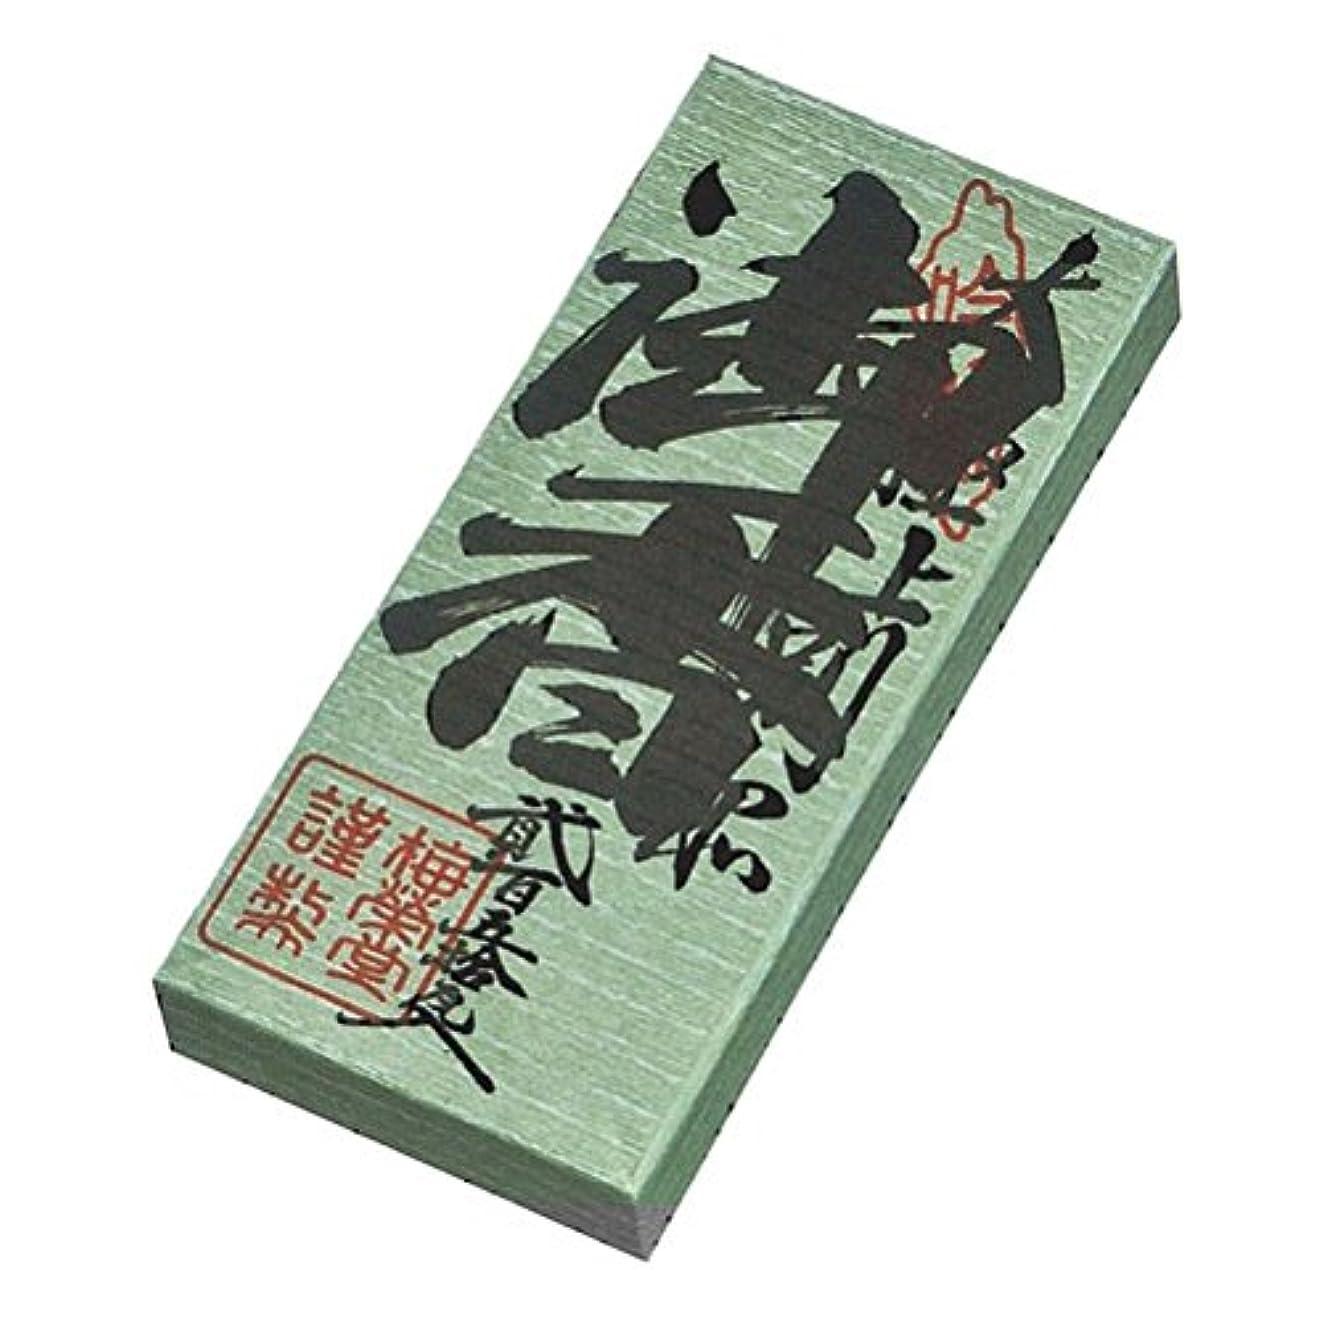 討論タヒチバケツ梅栄印 250g 紙箱入り お焼香 梅栄堂